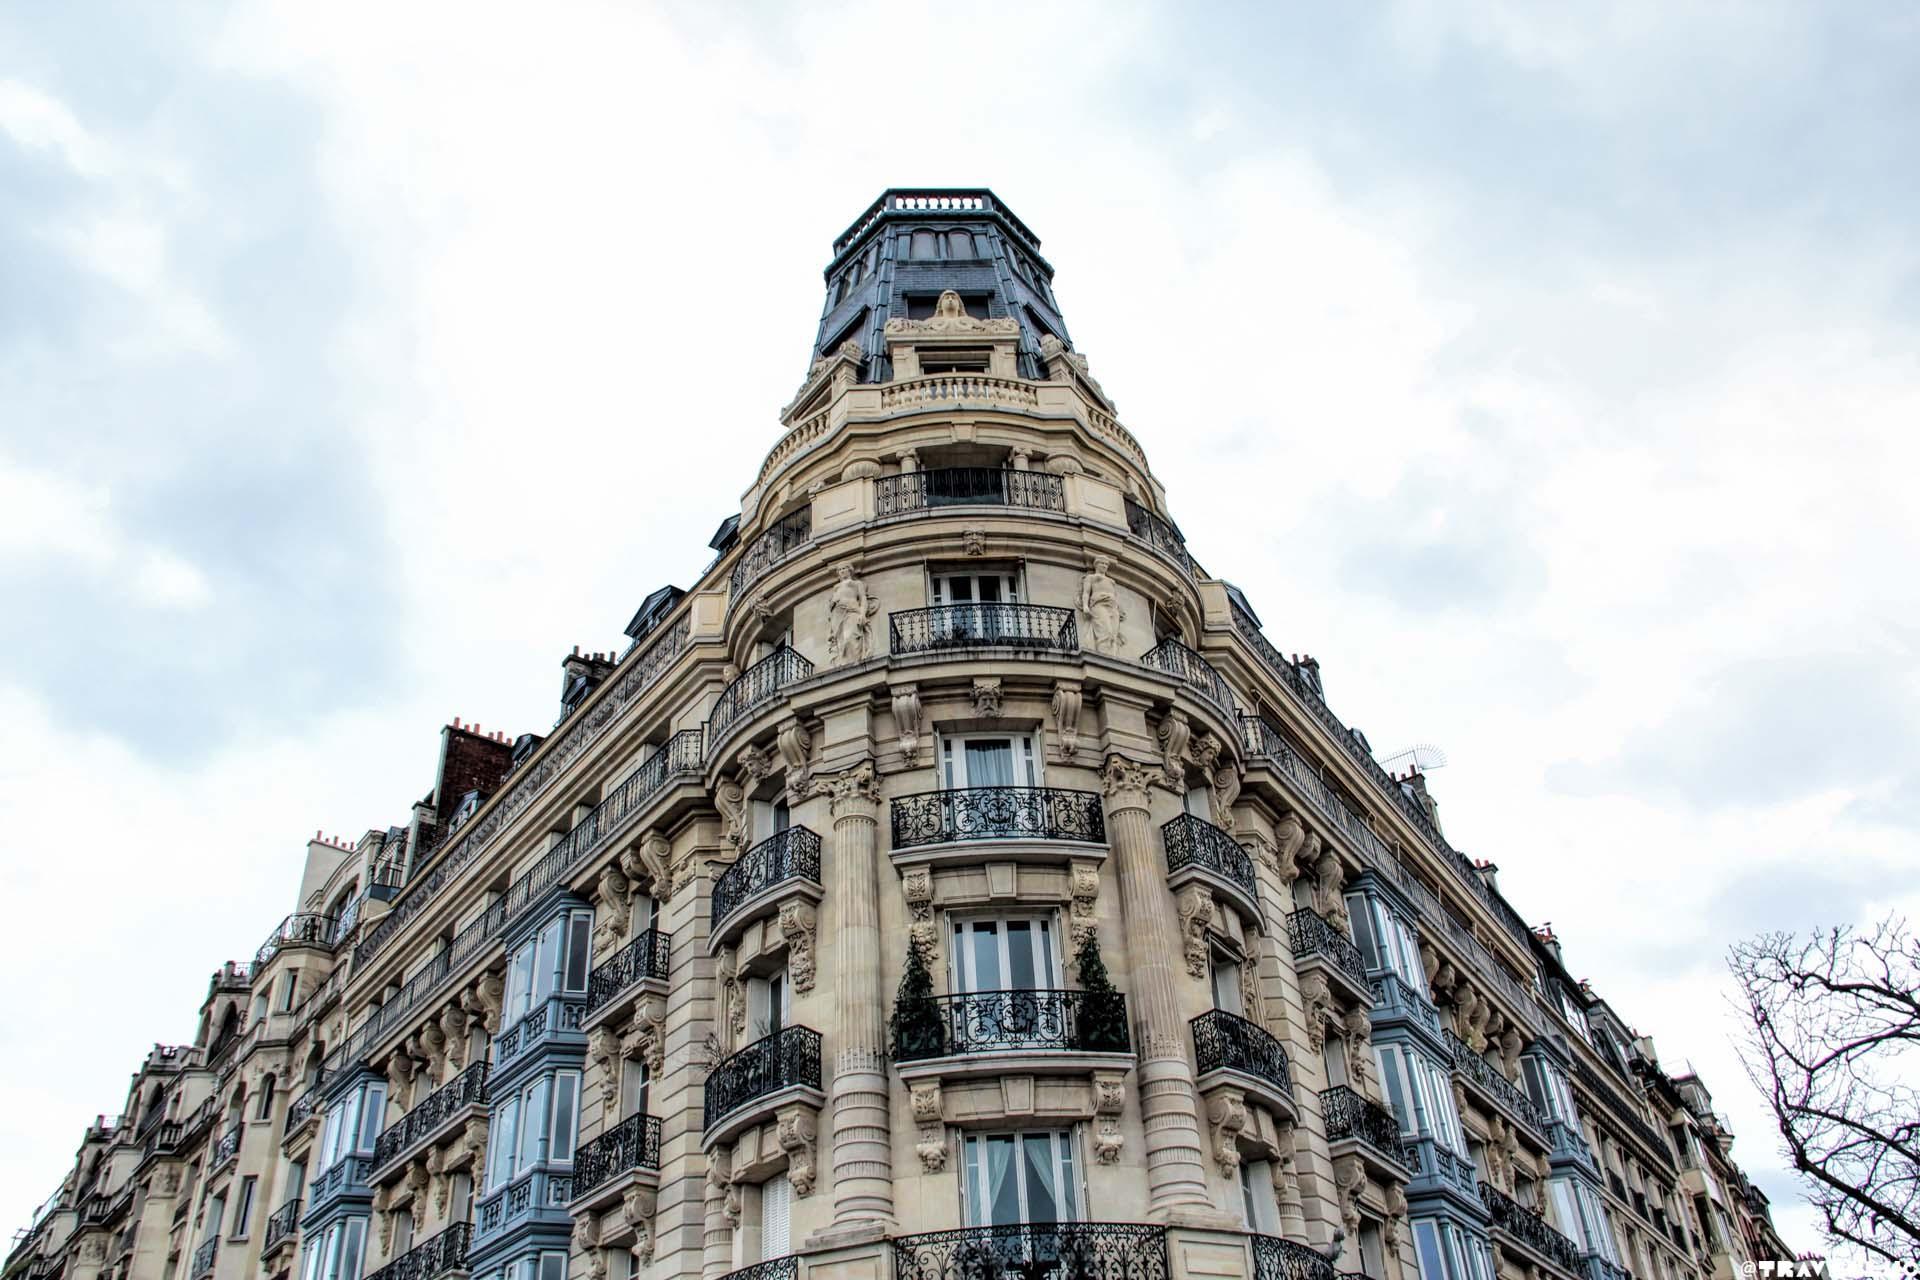 PARIS TRAVEN LUC